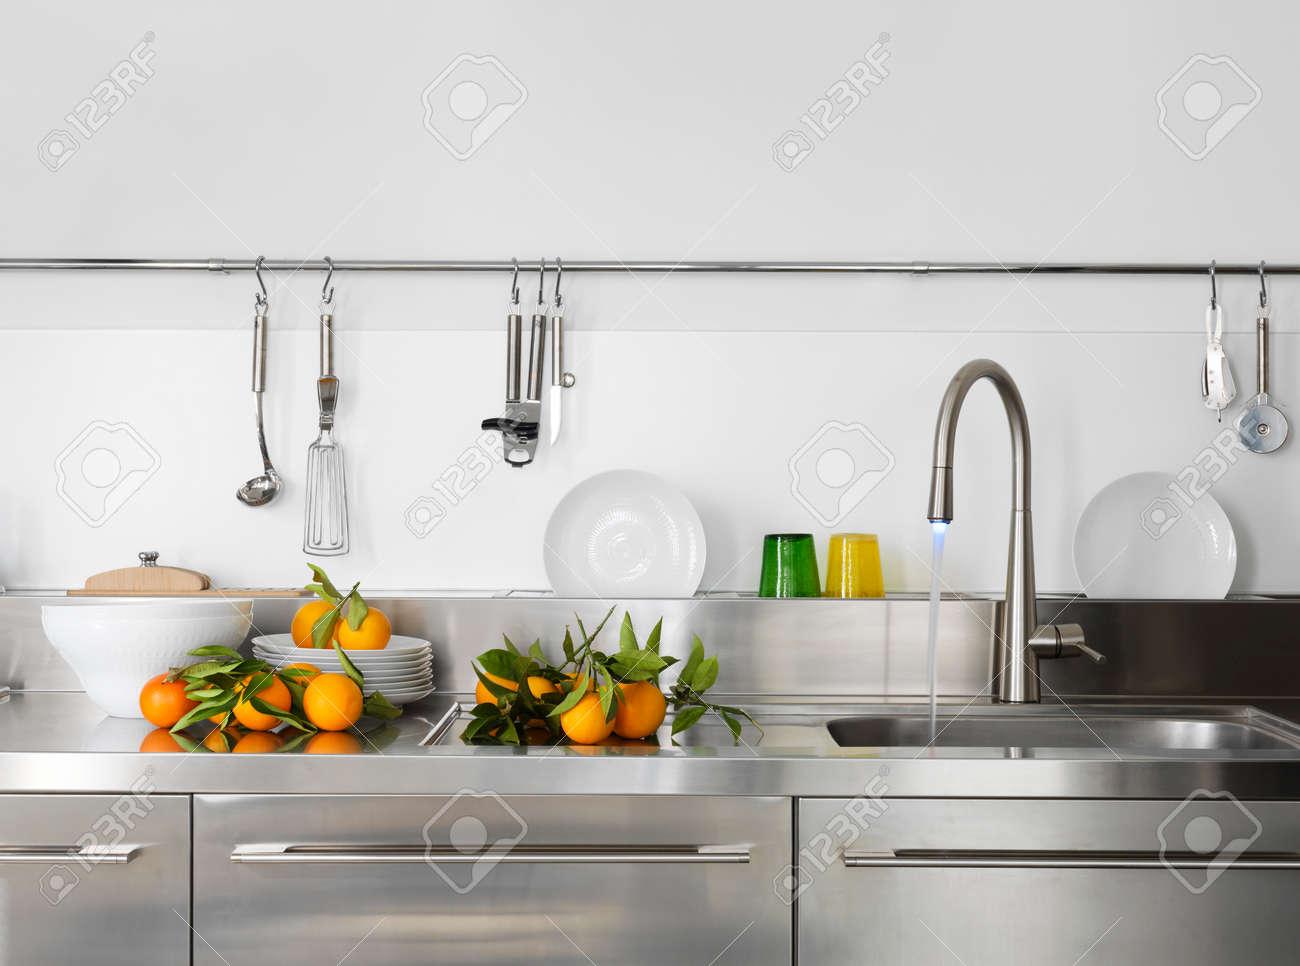 fresh orange on the worktop near to sink in a modern kitchen Standard-Bild - 30779315